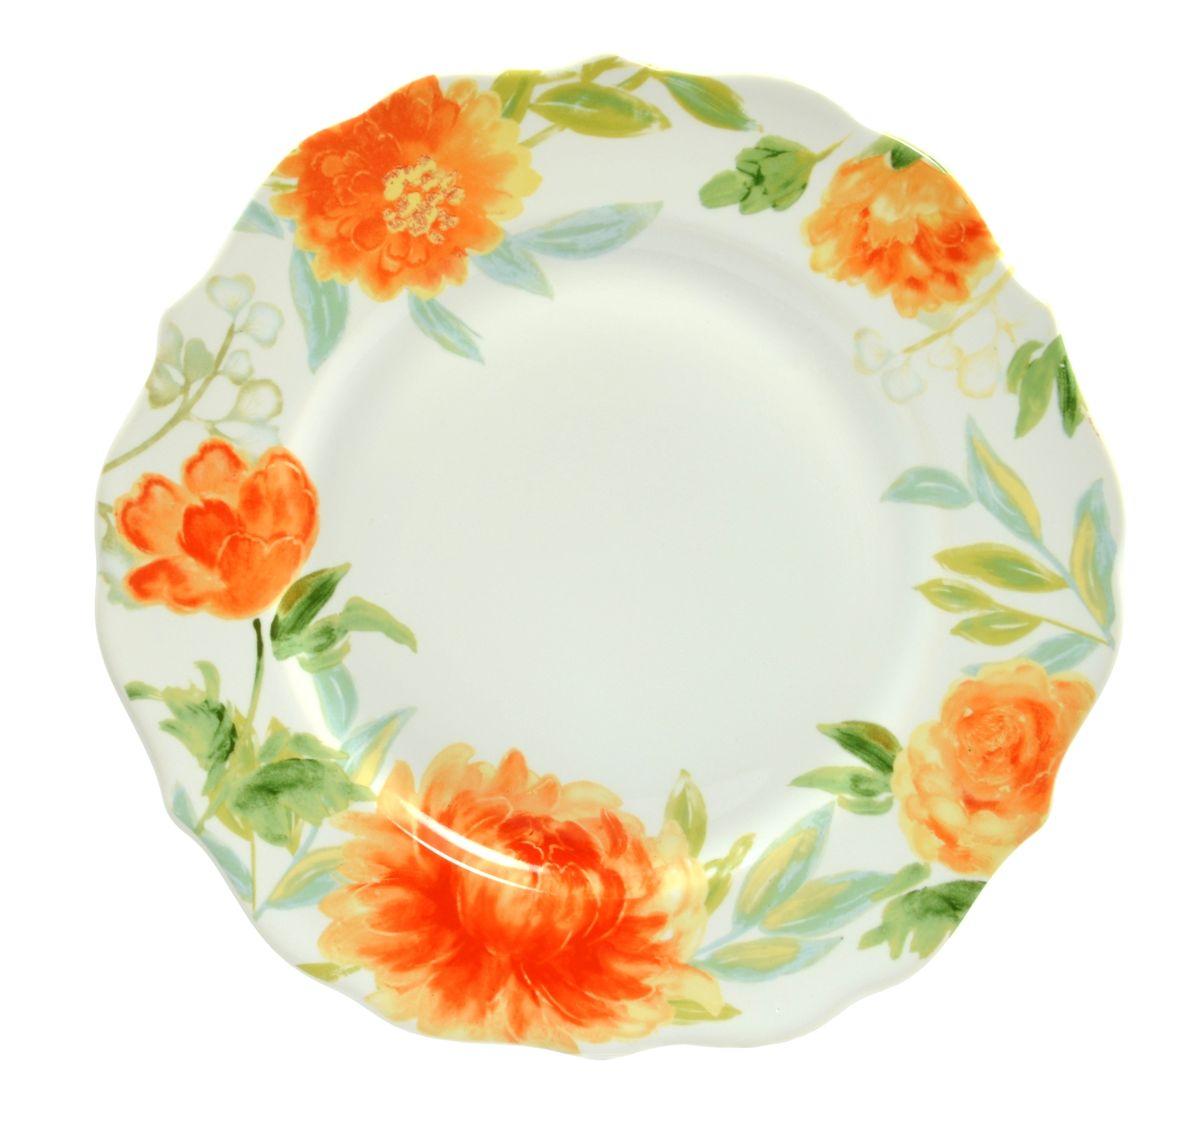 Тарелка обеденная Utana Пионы, диаметр 26,5 смUTHH94110Тарелка обеденная Utana Пионы изготовлена из высококачественной керамики. Предназначена для красивой подачи различных блюд. Изделие декорировано ярким рисунком. Такая тарелка украсит сервировку стола и подчеркнет прекрасный вкус хозяйки. Можно мыть в посудомоечной машине и использовать в СВЧ. Диаметр: 26,5 см. Высота: 3 см.